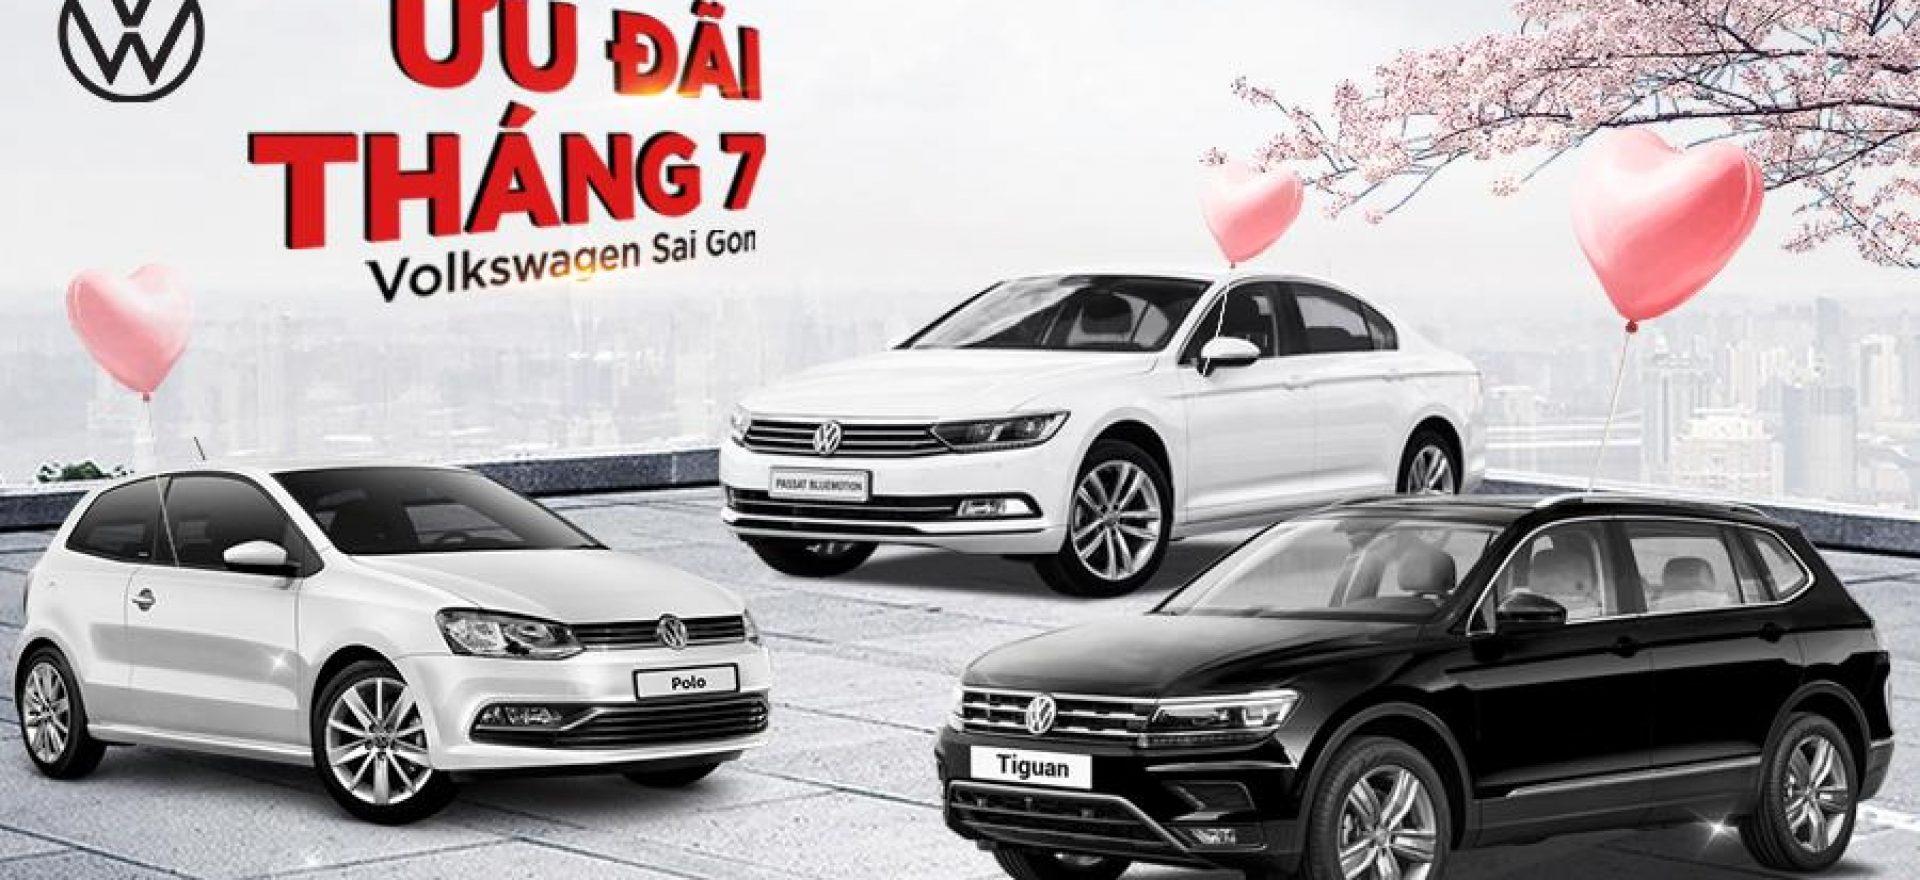 uu-dai-giam-gia-truc-tiep-cho-xe-volkswagen-trong-thang-7